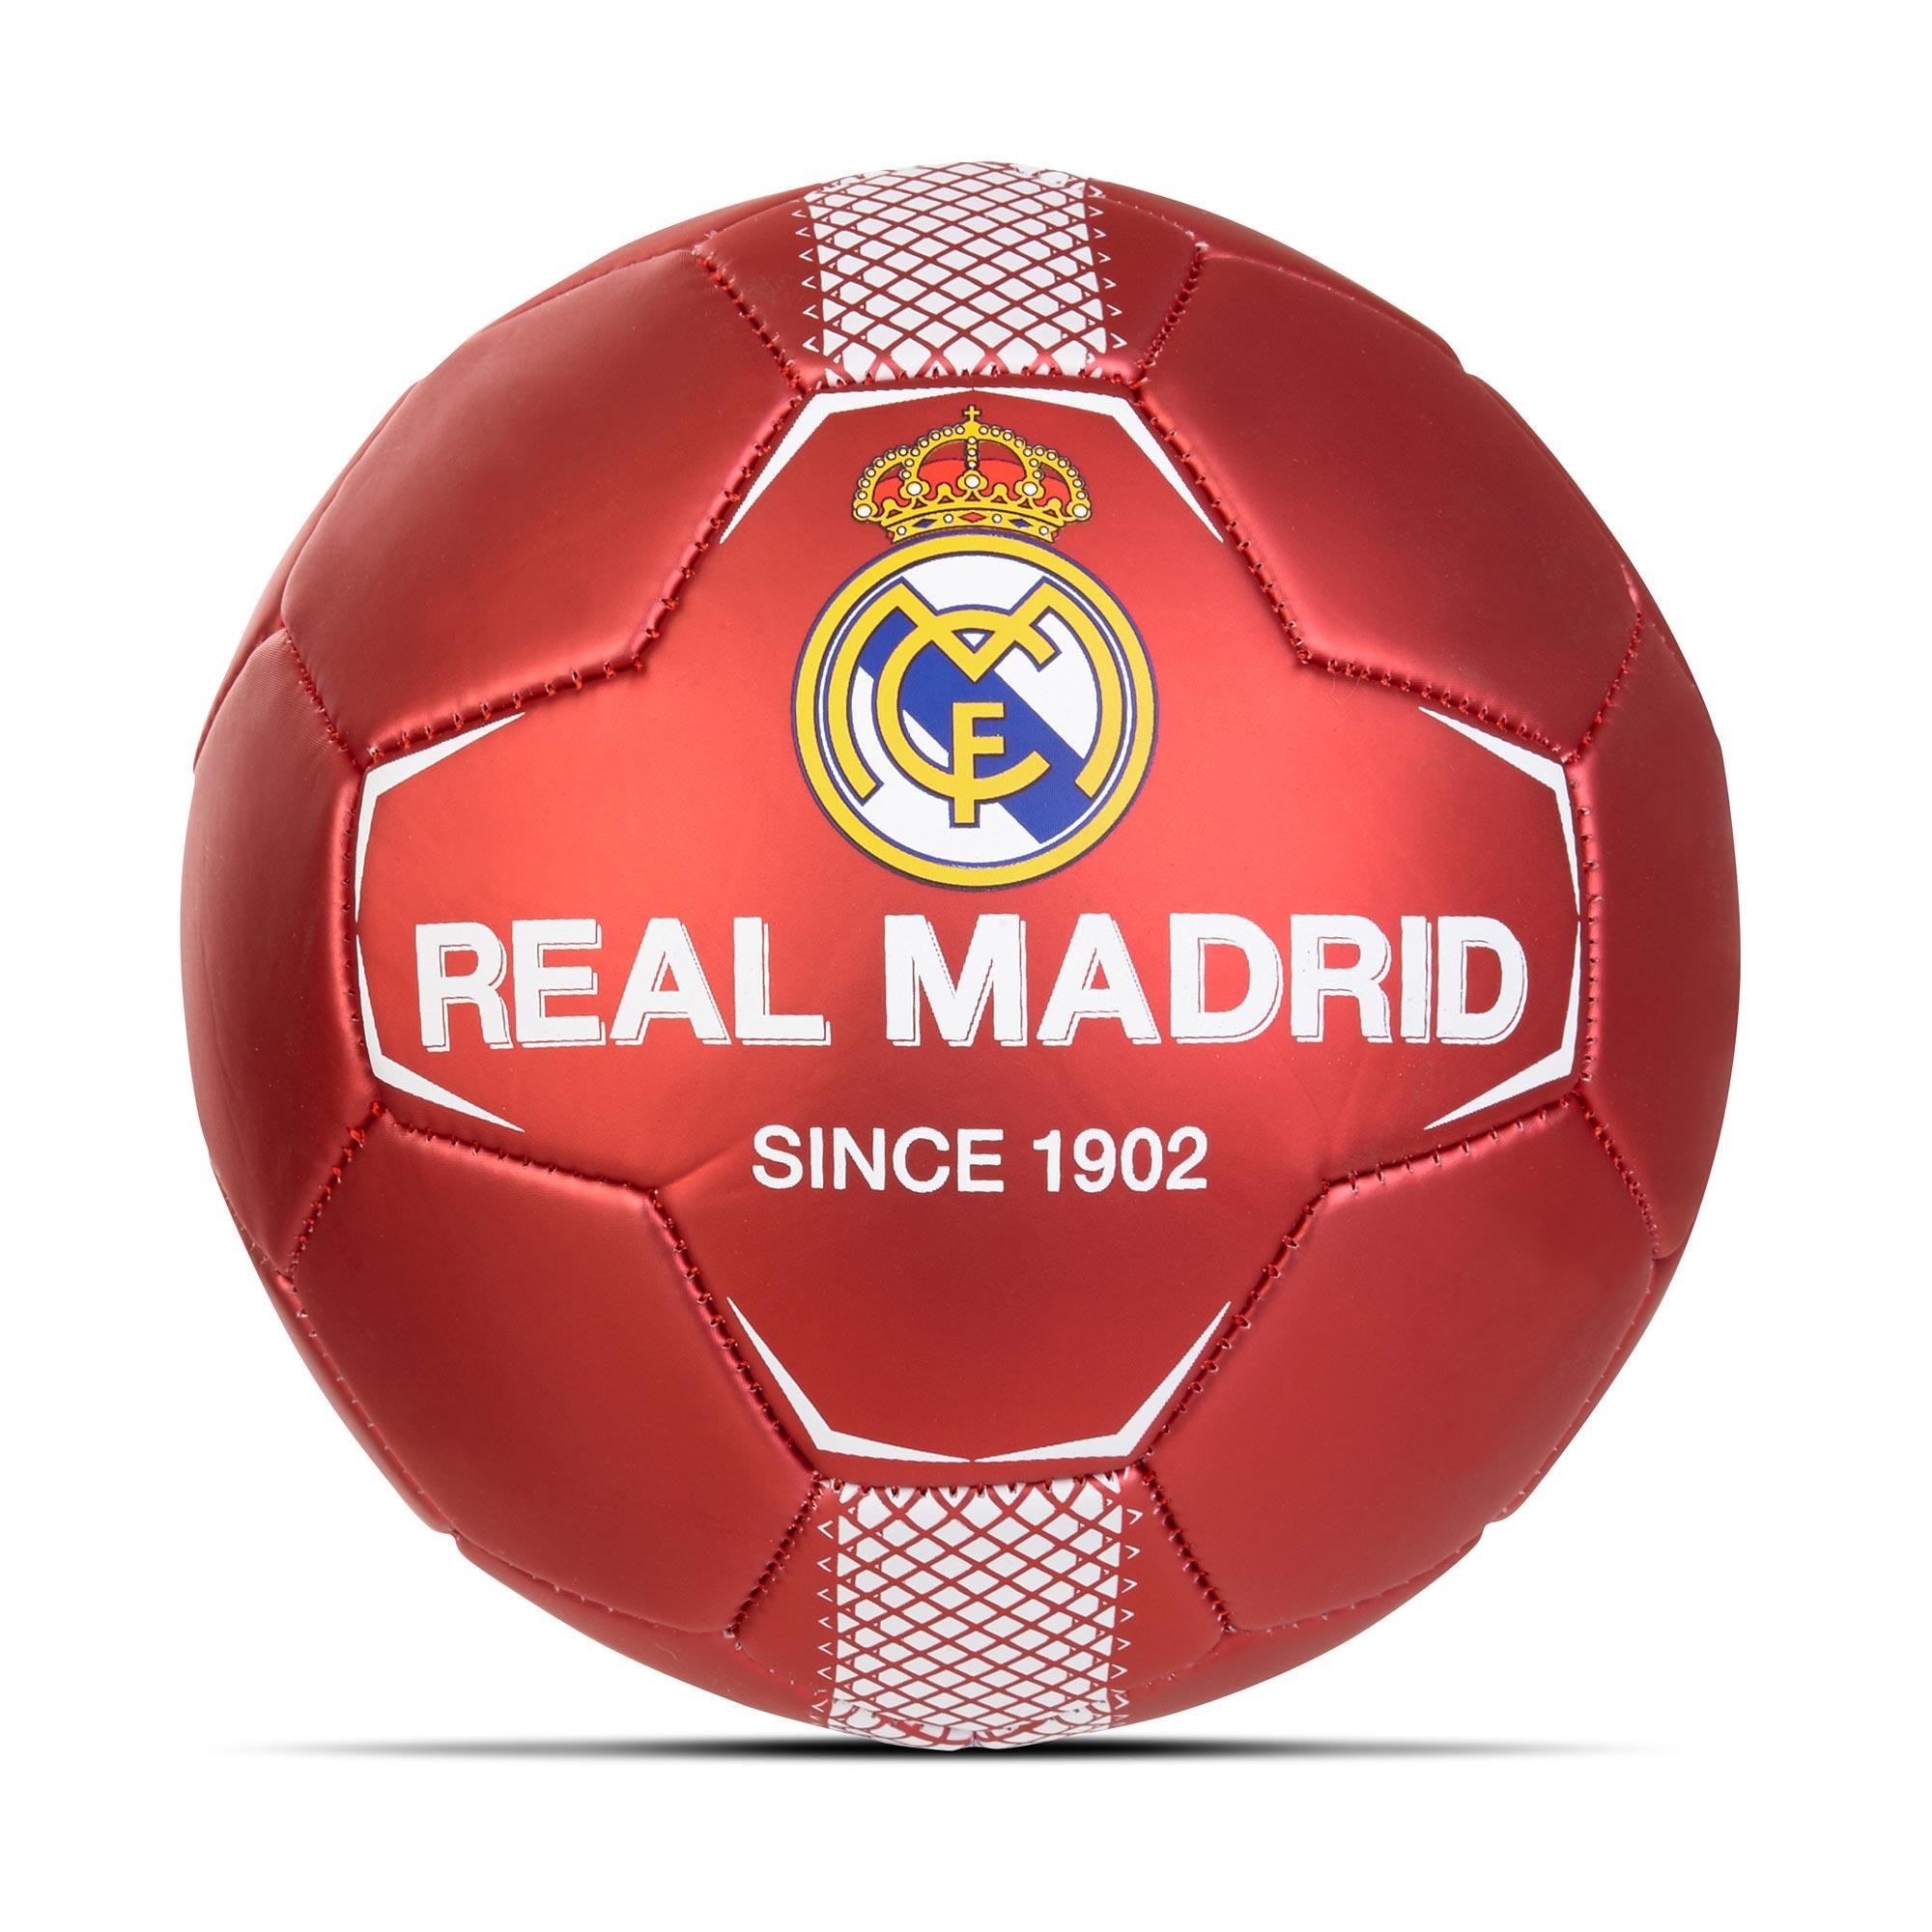 Ballon de football avec écusson du Real Madrid - Taille 2 - Rouge